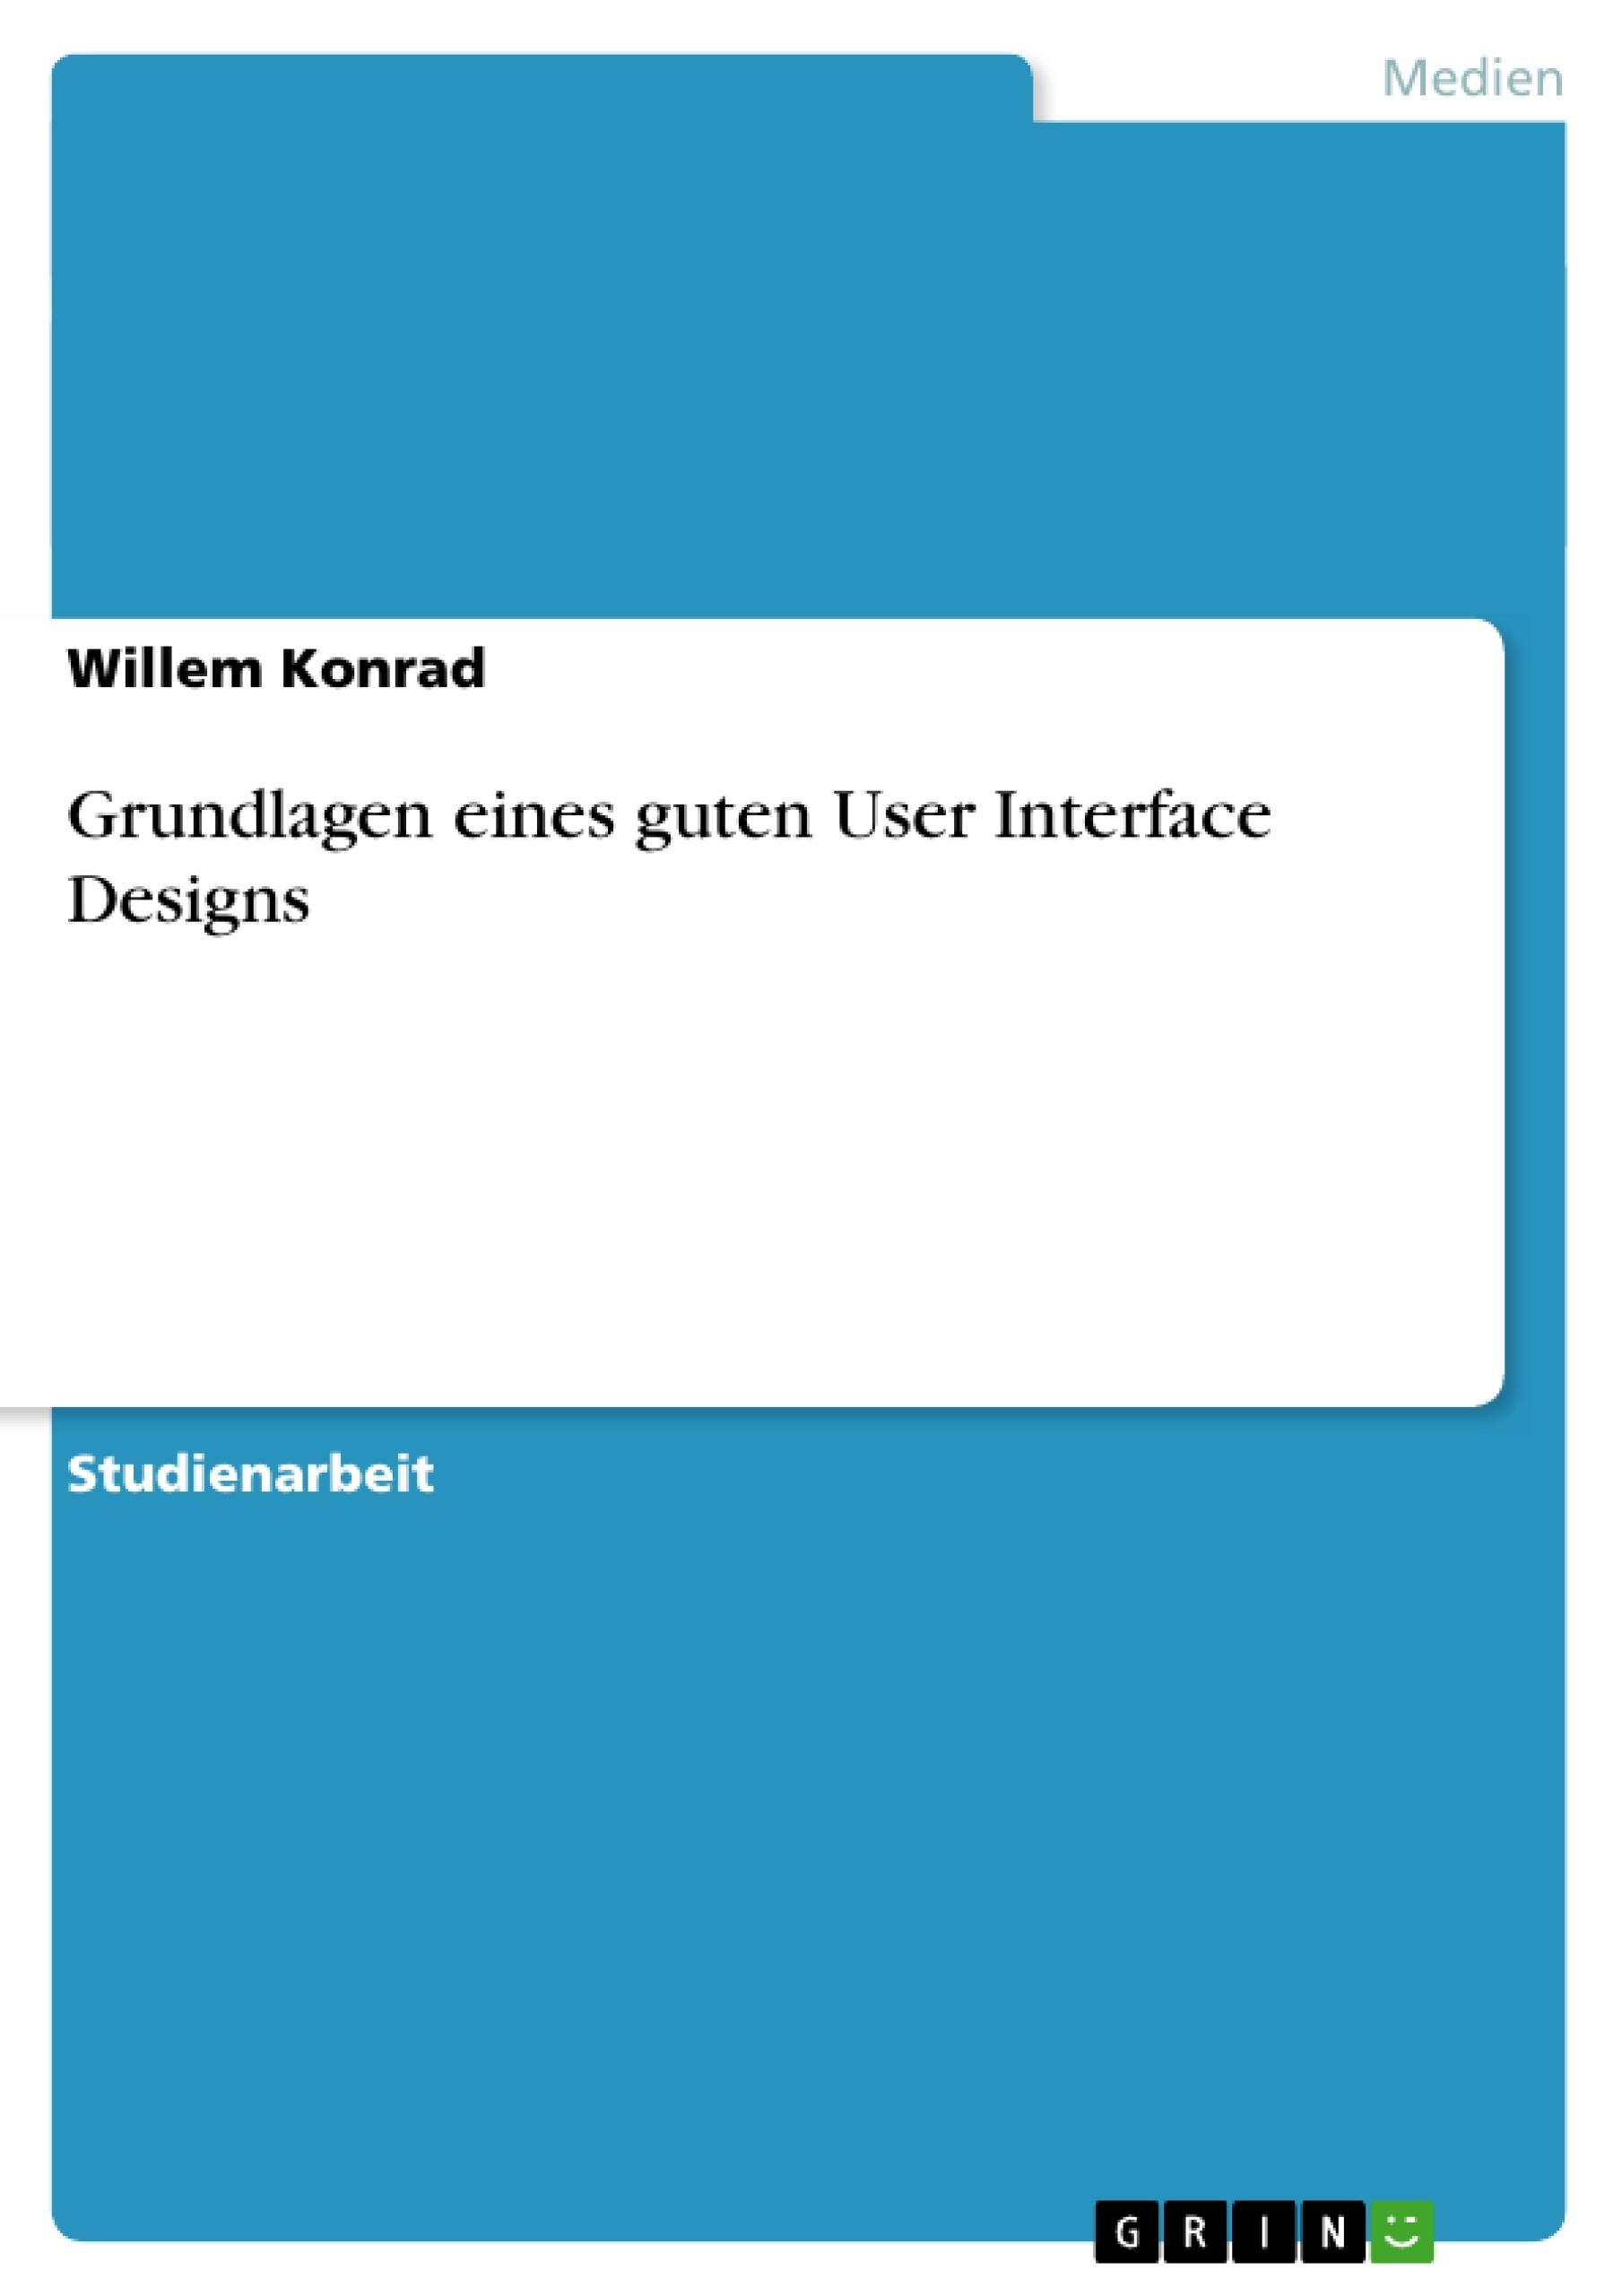 Titel: Grundlagen eines guten User Interface Designs